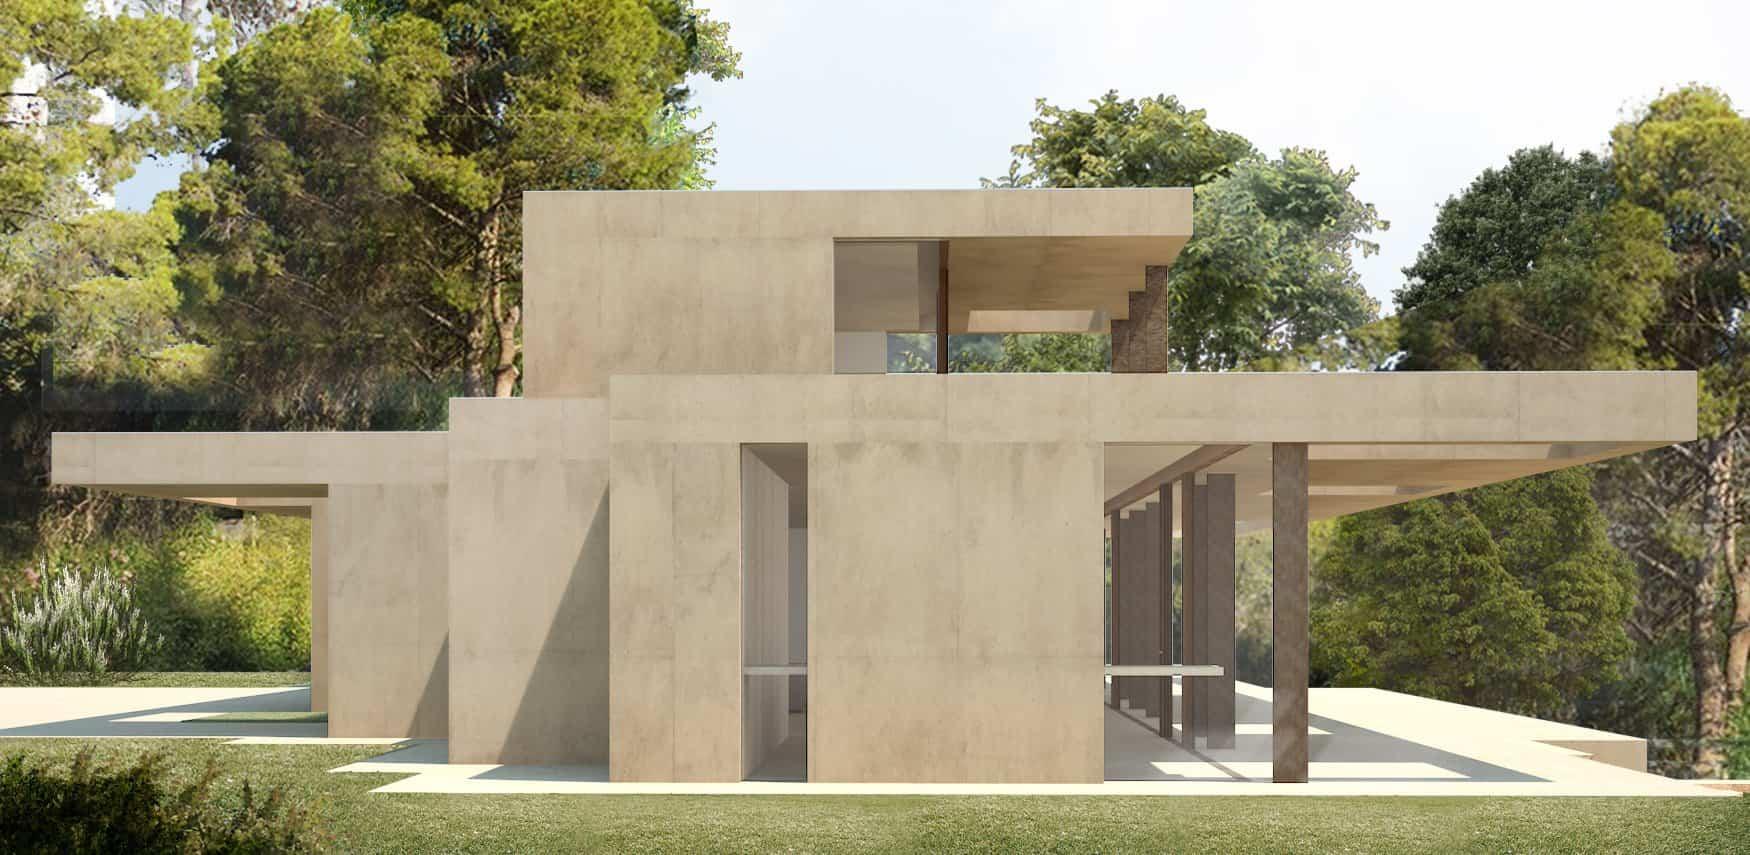 Casa en la Pinada 2015 Arquitecto Ramon Esteve 3